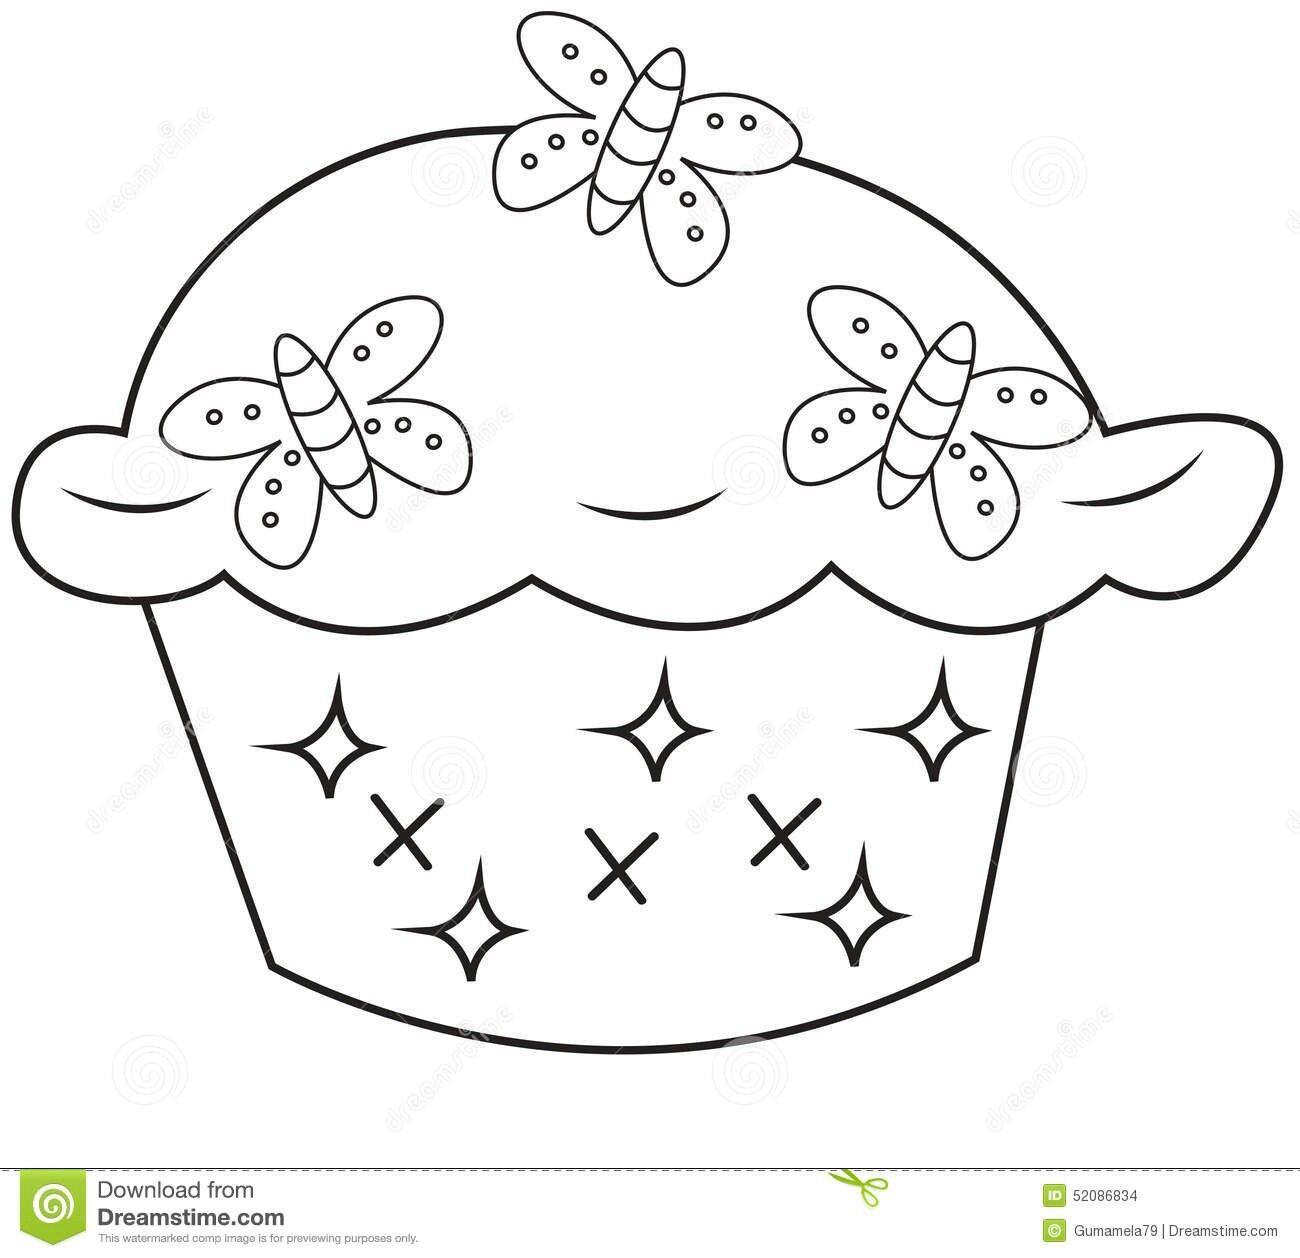 Pin von April Dikty ( Ordoyne) auf Cakes and Ice Cream | Pinterest